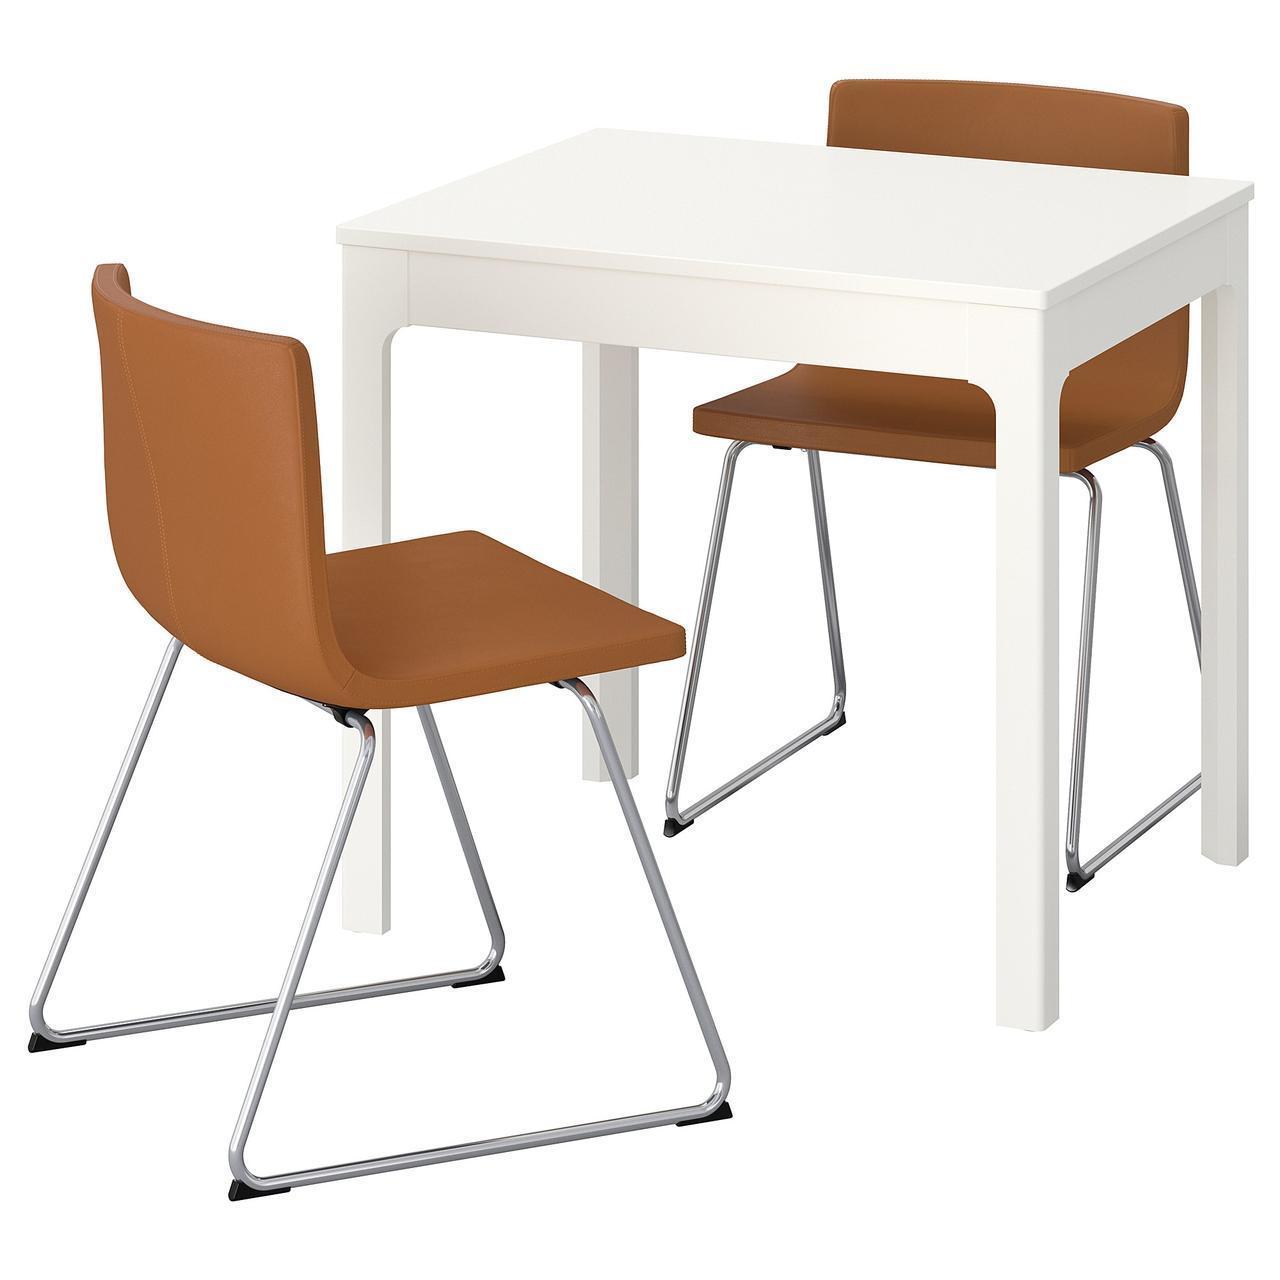 Комплект для кухни (стол и 2 стула) IKEA EKEDALEN / BERNHARD 80/120 см Mjuk белый коричневый 092.806.90